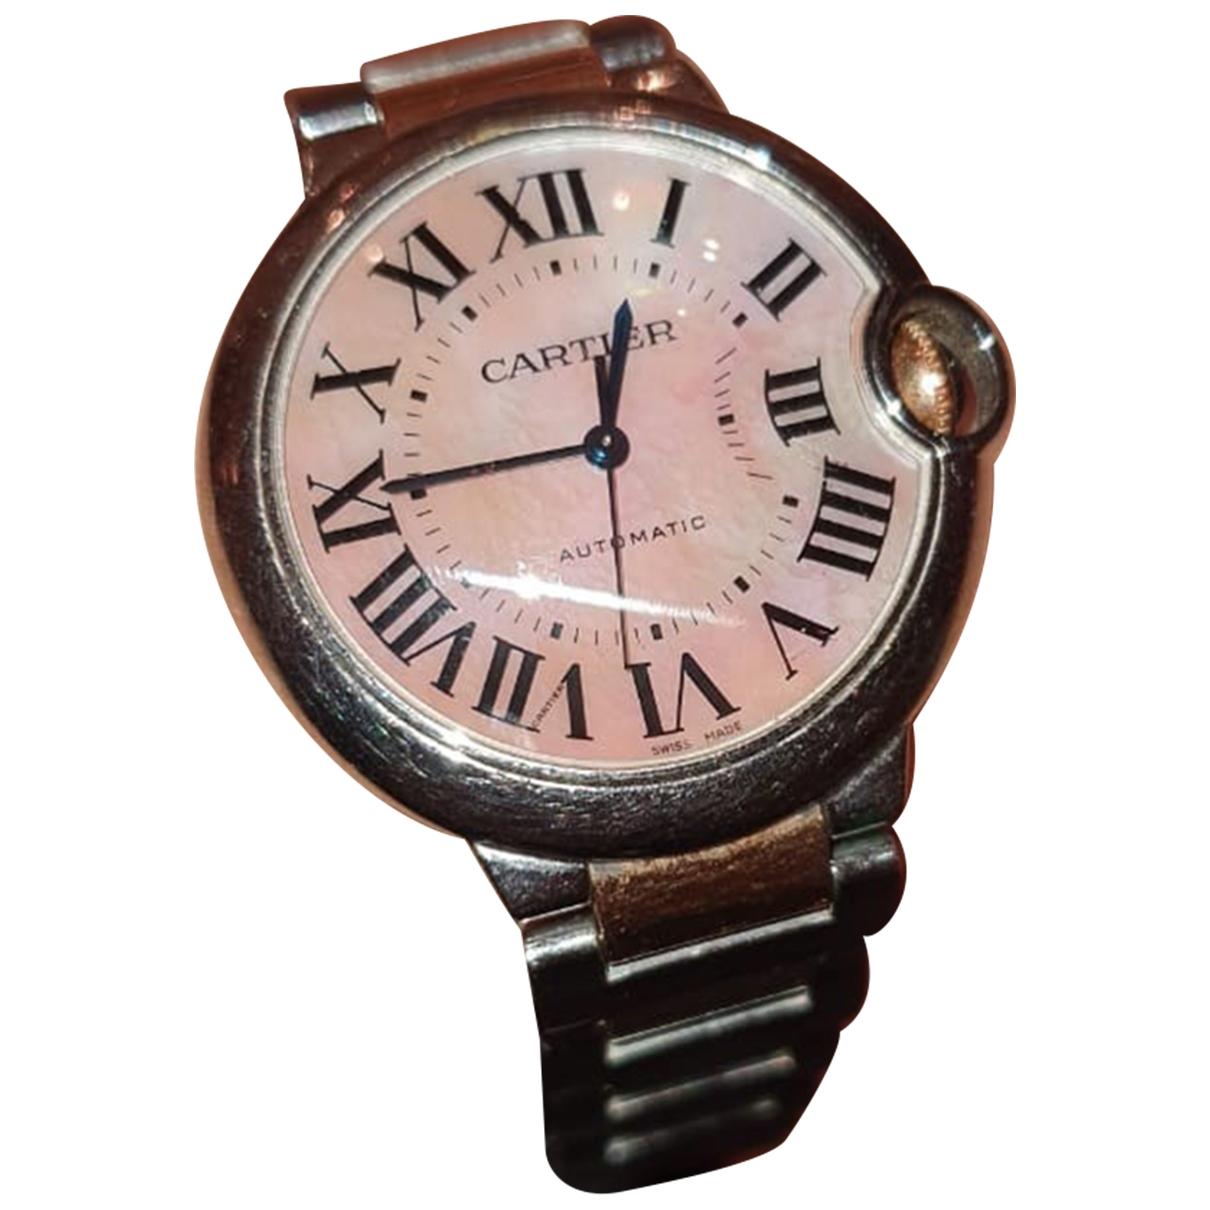 Reloj Ballon bleu Cartier